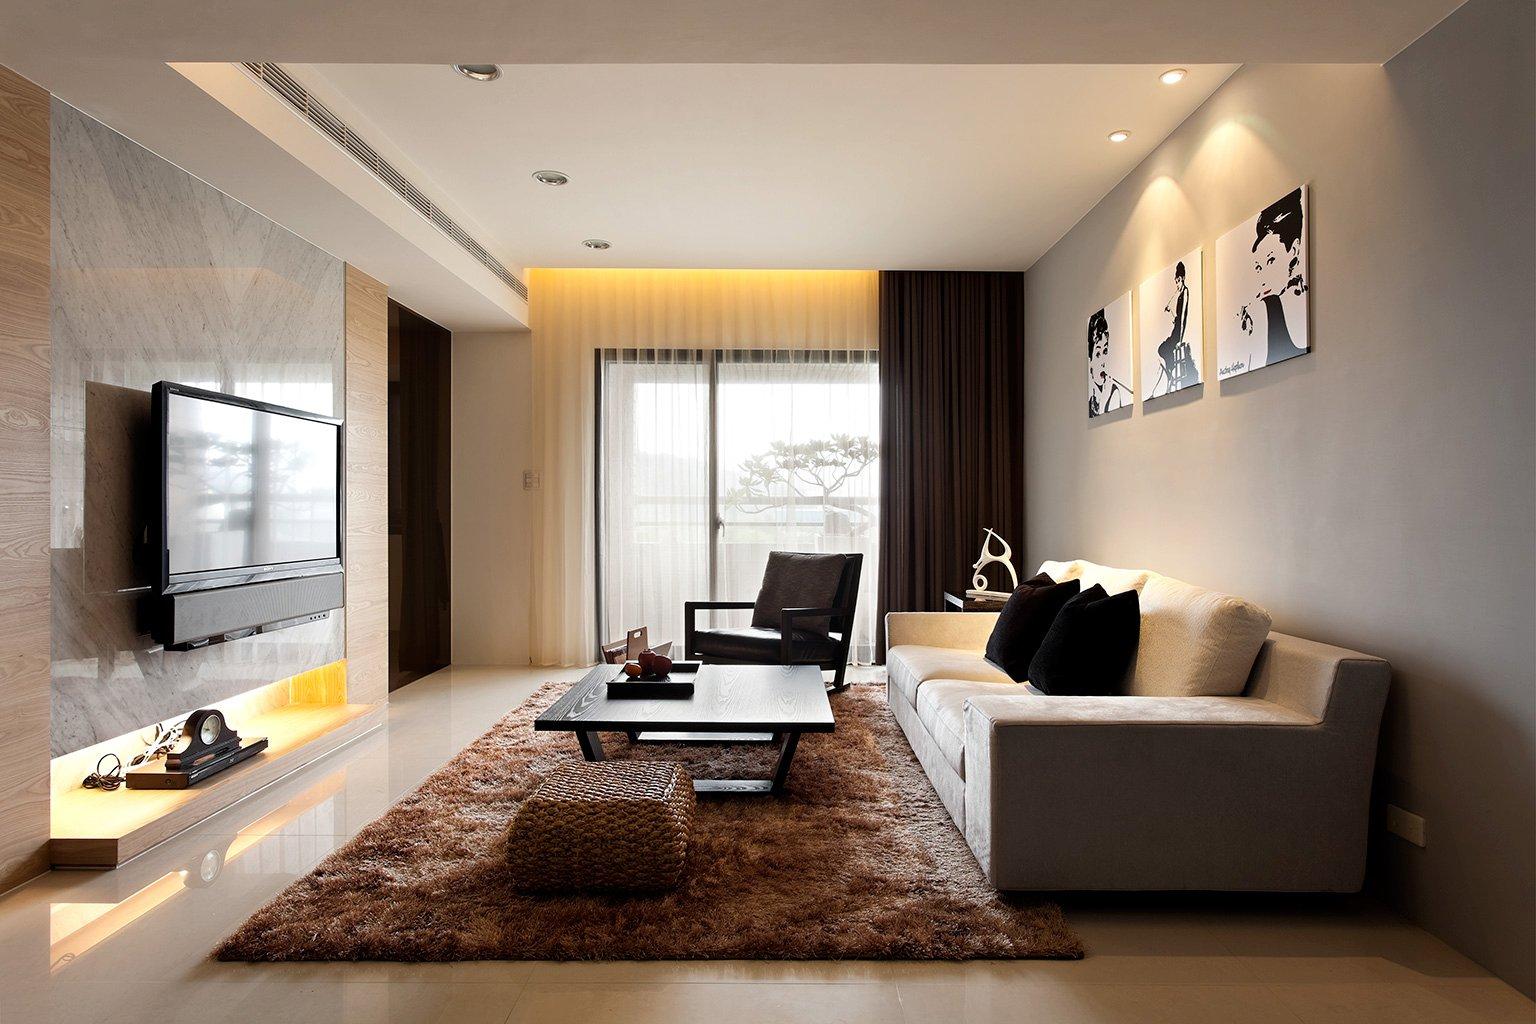 Дизайн и интерьер комнаты фото